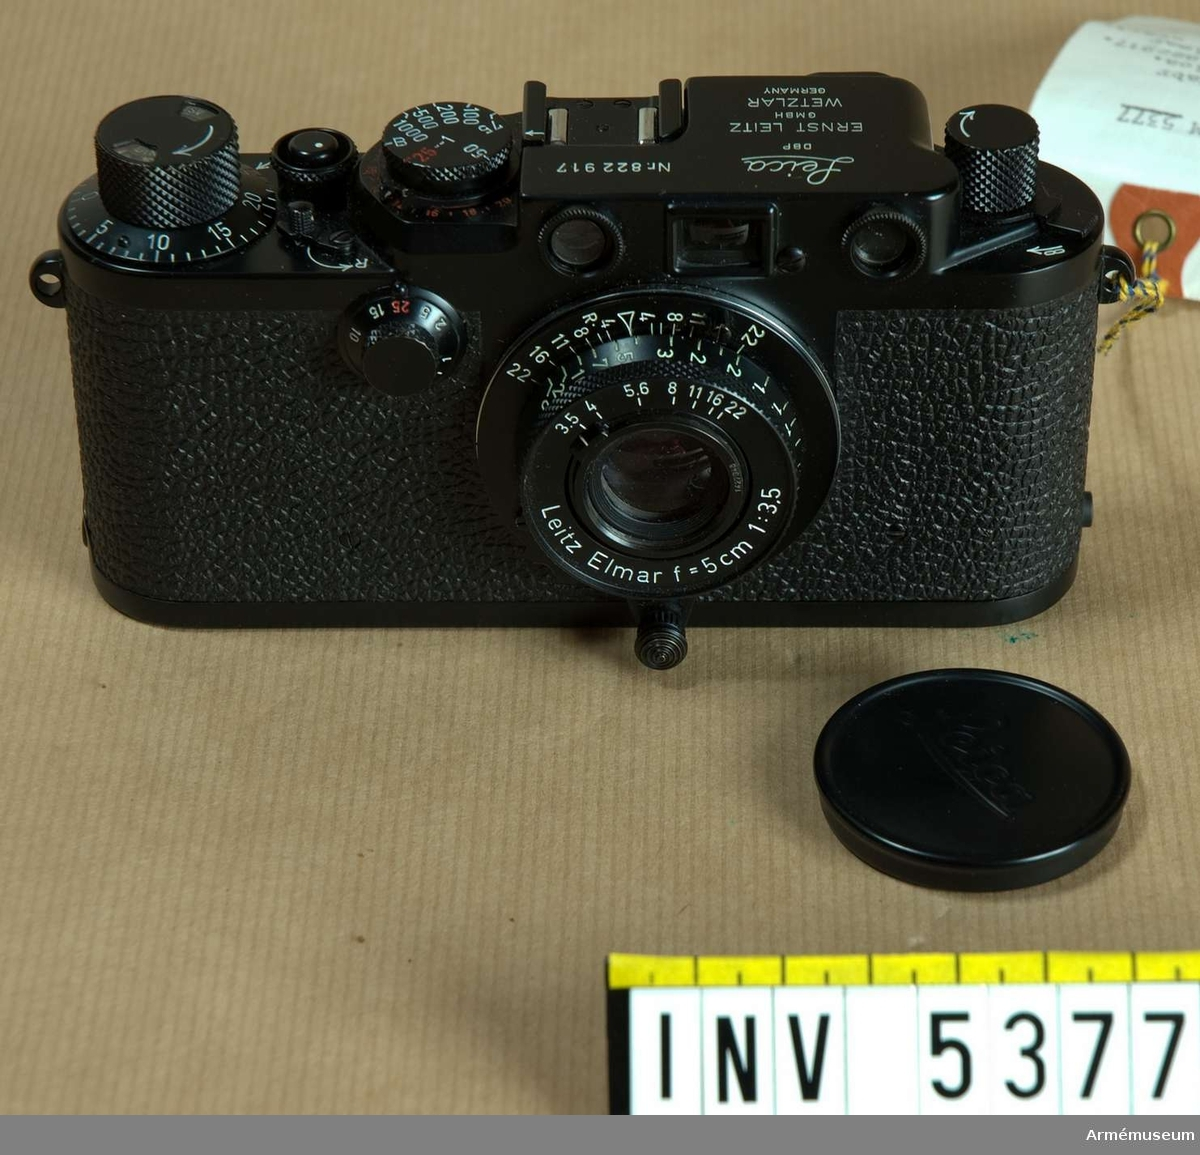 Samhörande nr är 5378, kameraväska.  Kamera 151, Leica, kamerakropp m objektiv.Tillv.nr: kamera 822917, objektiv 1427048. Kameran är svart med  vit och röd text liksom objektivet. Kameran har synkronisering  för blixt och röda kontakttal. Leicakassett finns i kameran.   Objektivet Elmar f=50 mm 1:3,5 är antireflexbehandlat; det är  inskjutbart och har svart lock. Dess mått är 40x47 mm.  Kameran och objektivet är inte märkta med emblemet tre kronor, men svarta objektiv av denna typ är ovanliga. Kameran och  objektivet är i mycket gott skick eller oanvända. Slutaren  fungerar tveksamt.  Enligt Ulf-Göran Hjort-Andersén, Armémuseum, är kameran troligen  av modell III g.Tillhör fotomaterielsats 7, låda 3.  1992-02-27 packad i låda / Erik Walberg.